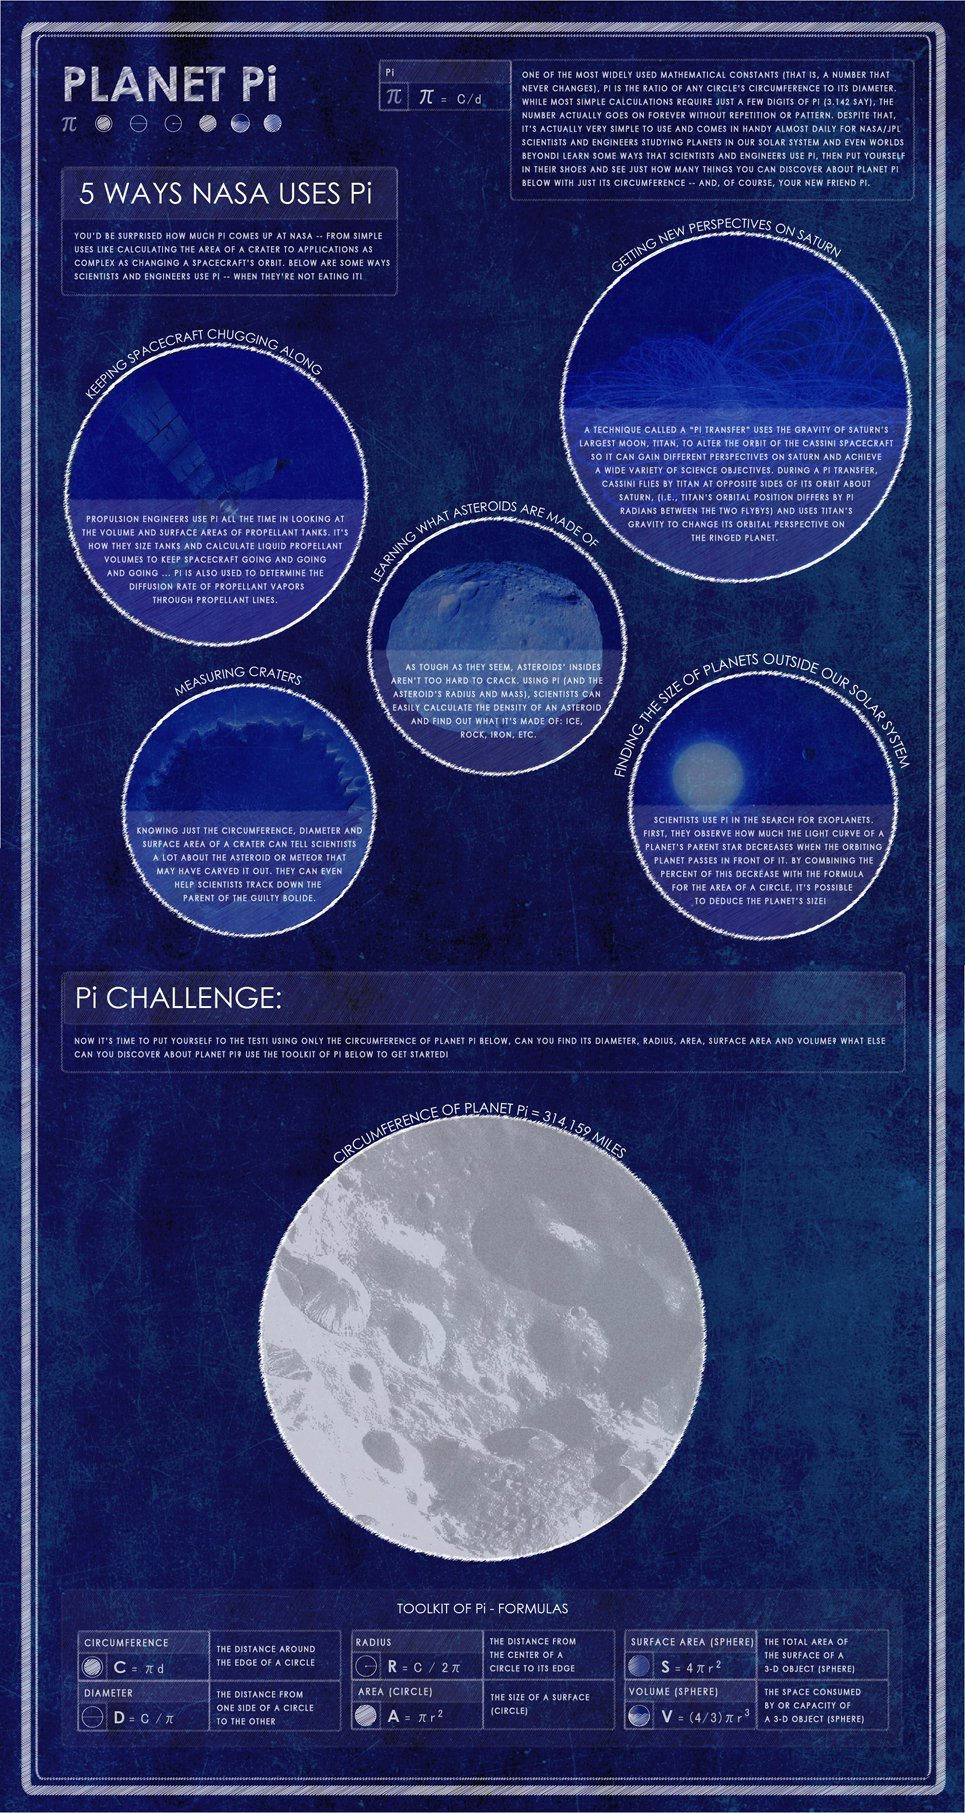 How Pi Makes NASA/JPL Go 'Round